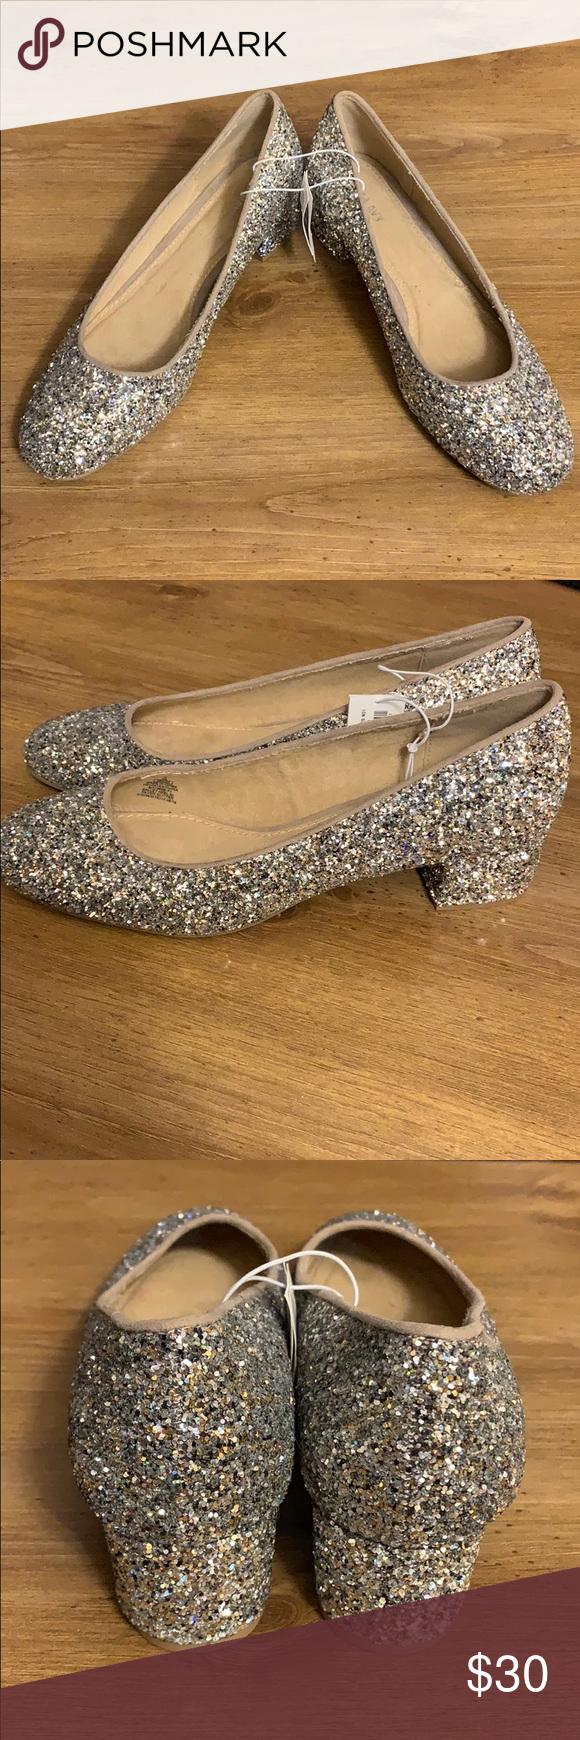 Old Navy sparkly glitter heels Brand